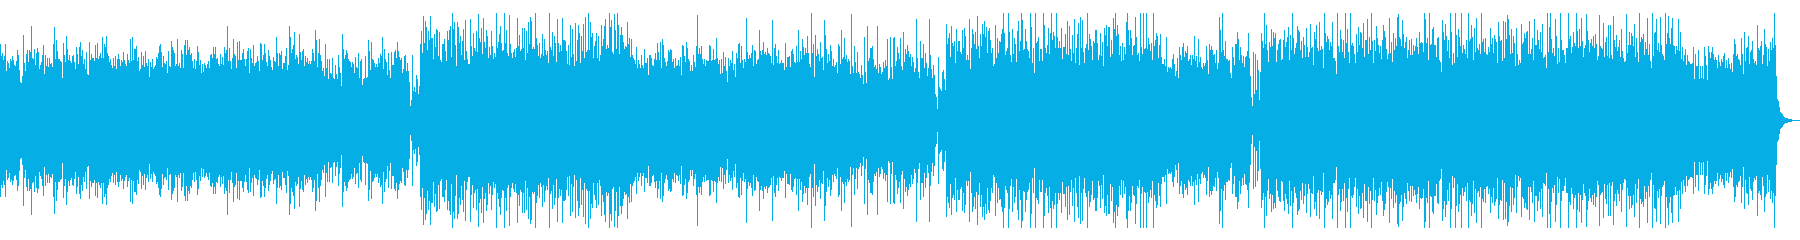 企業VP・高揚感と疾走感あるピアノEDMの再生済みの波形